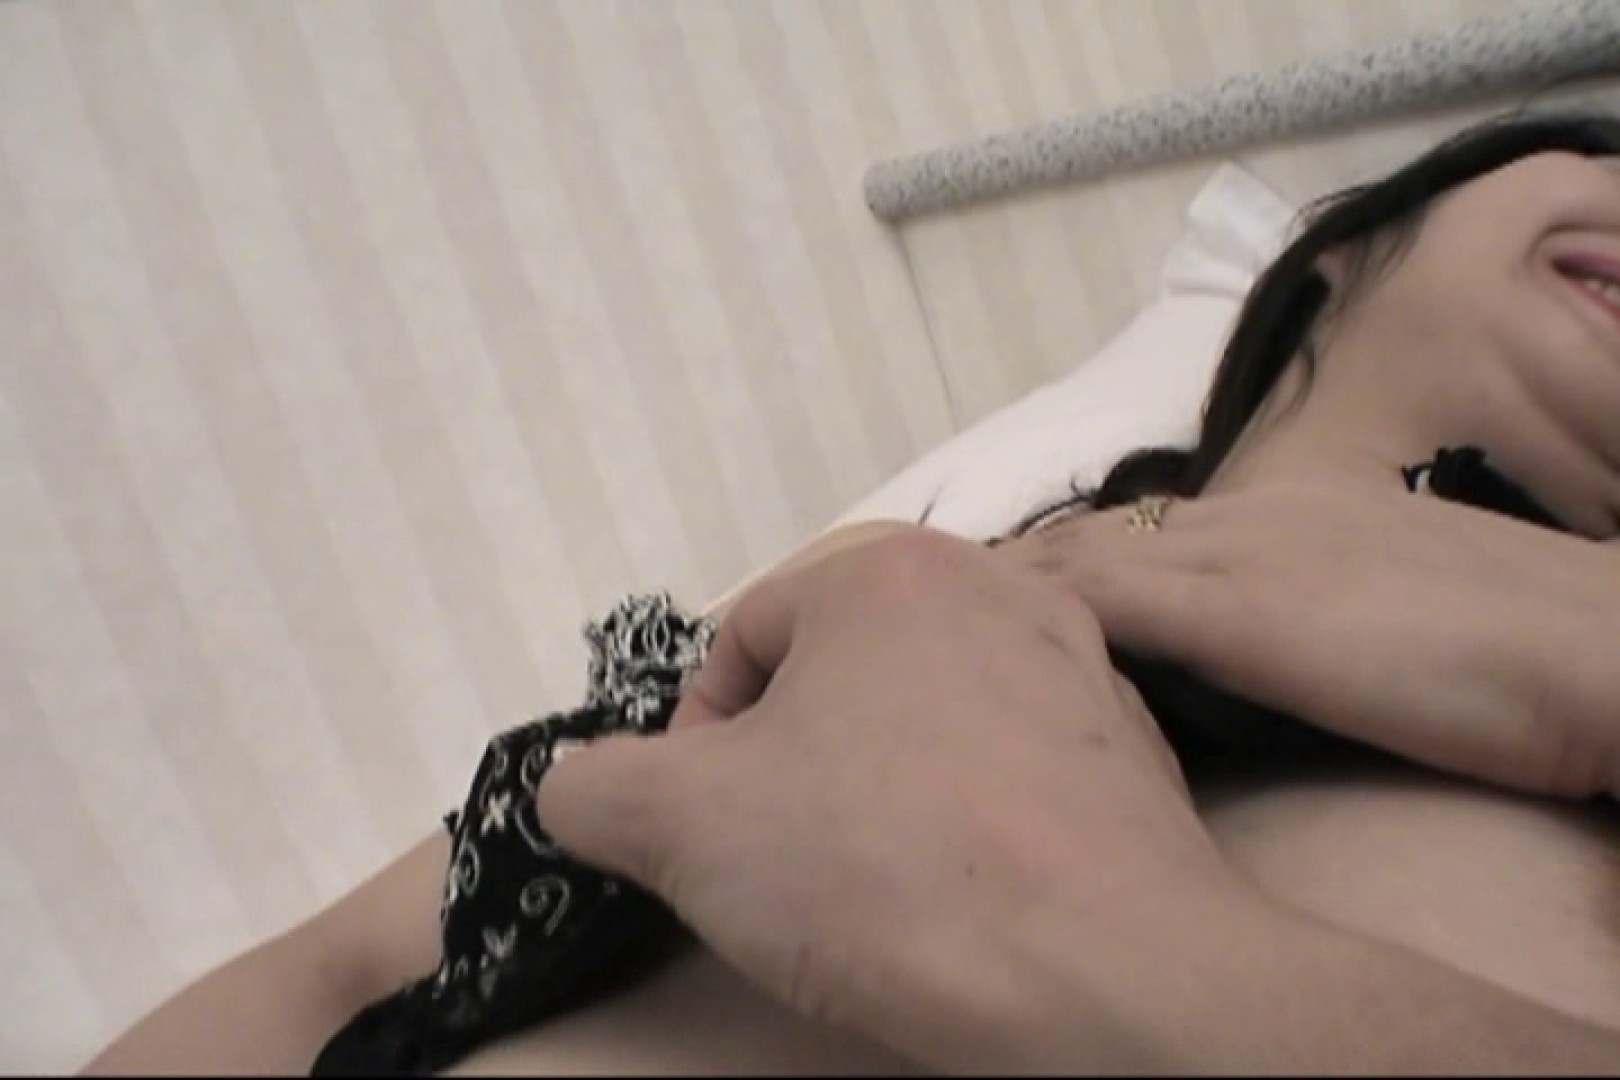 四十路の熟れた体が男を欲しがる~山川としえ~ 乳首 覗きおまんこ画像 78連発 51